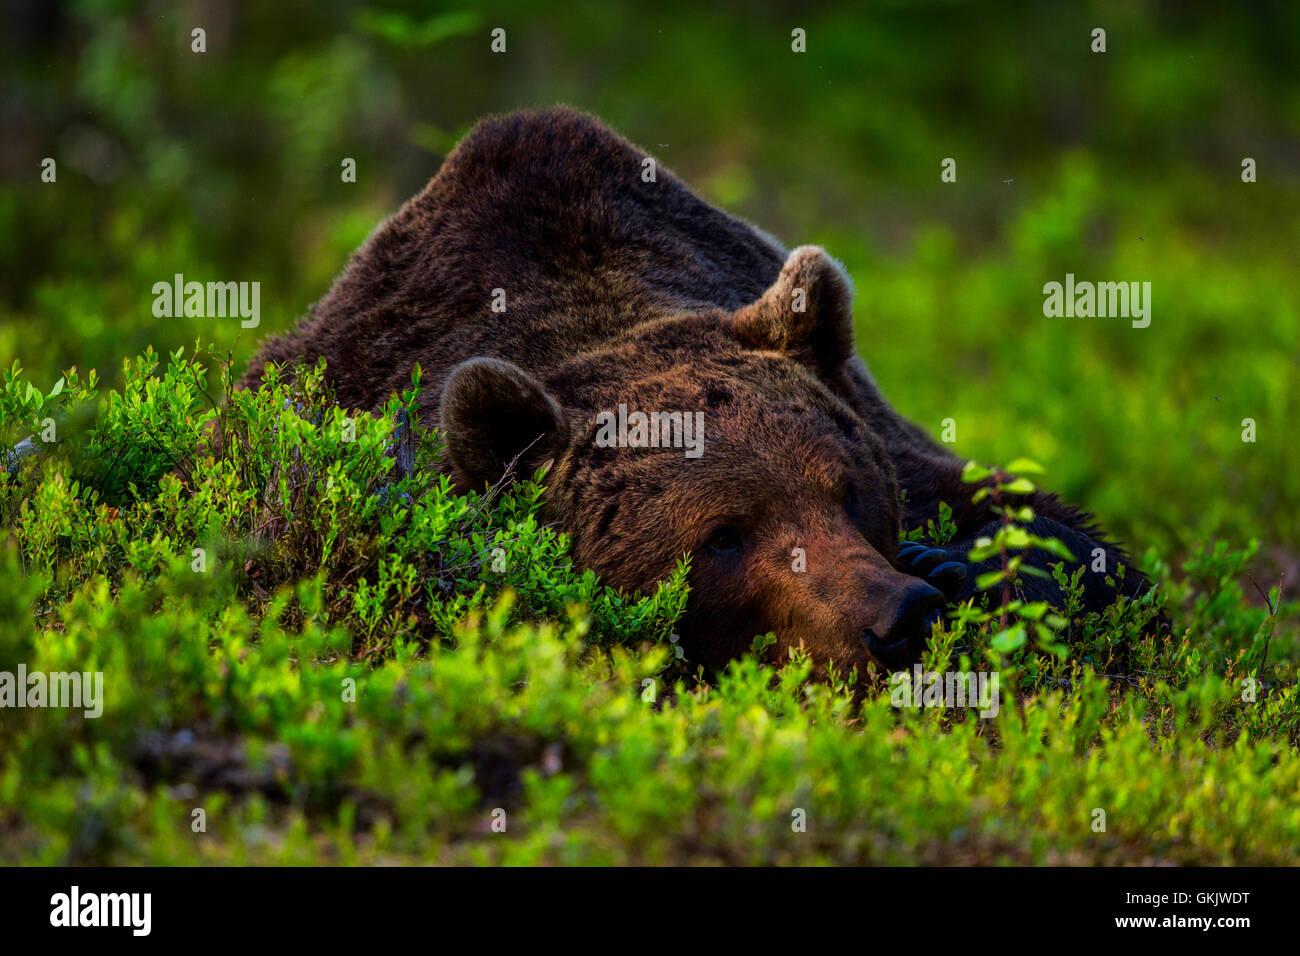 Un portrait d'un ours brun, en Finlande. Photo Stock